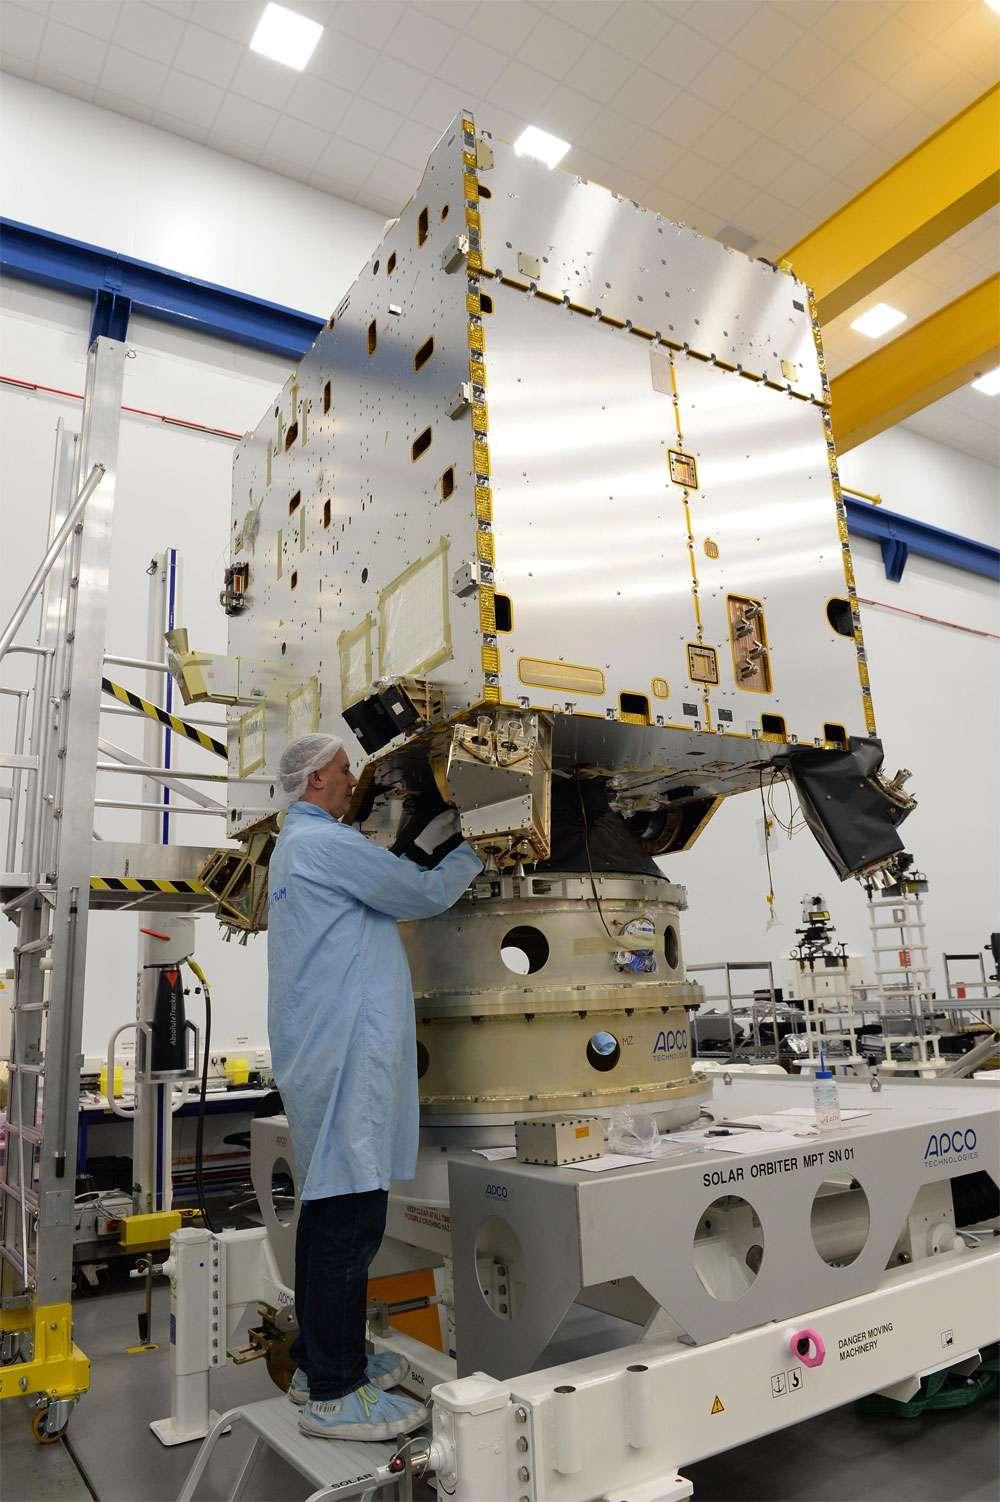 Modèle structurel du satellite Solar Orbiter. Ce modèle d'essai a été construit dans l'établissement de Stevenage d'Airbus Defence and Space où sera construite la future sonde. © Airbus Defence & Space